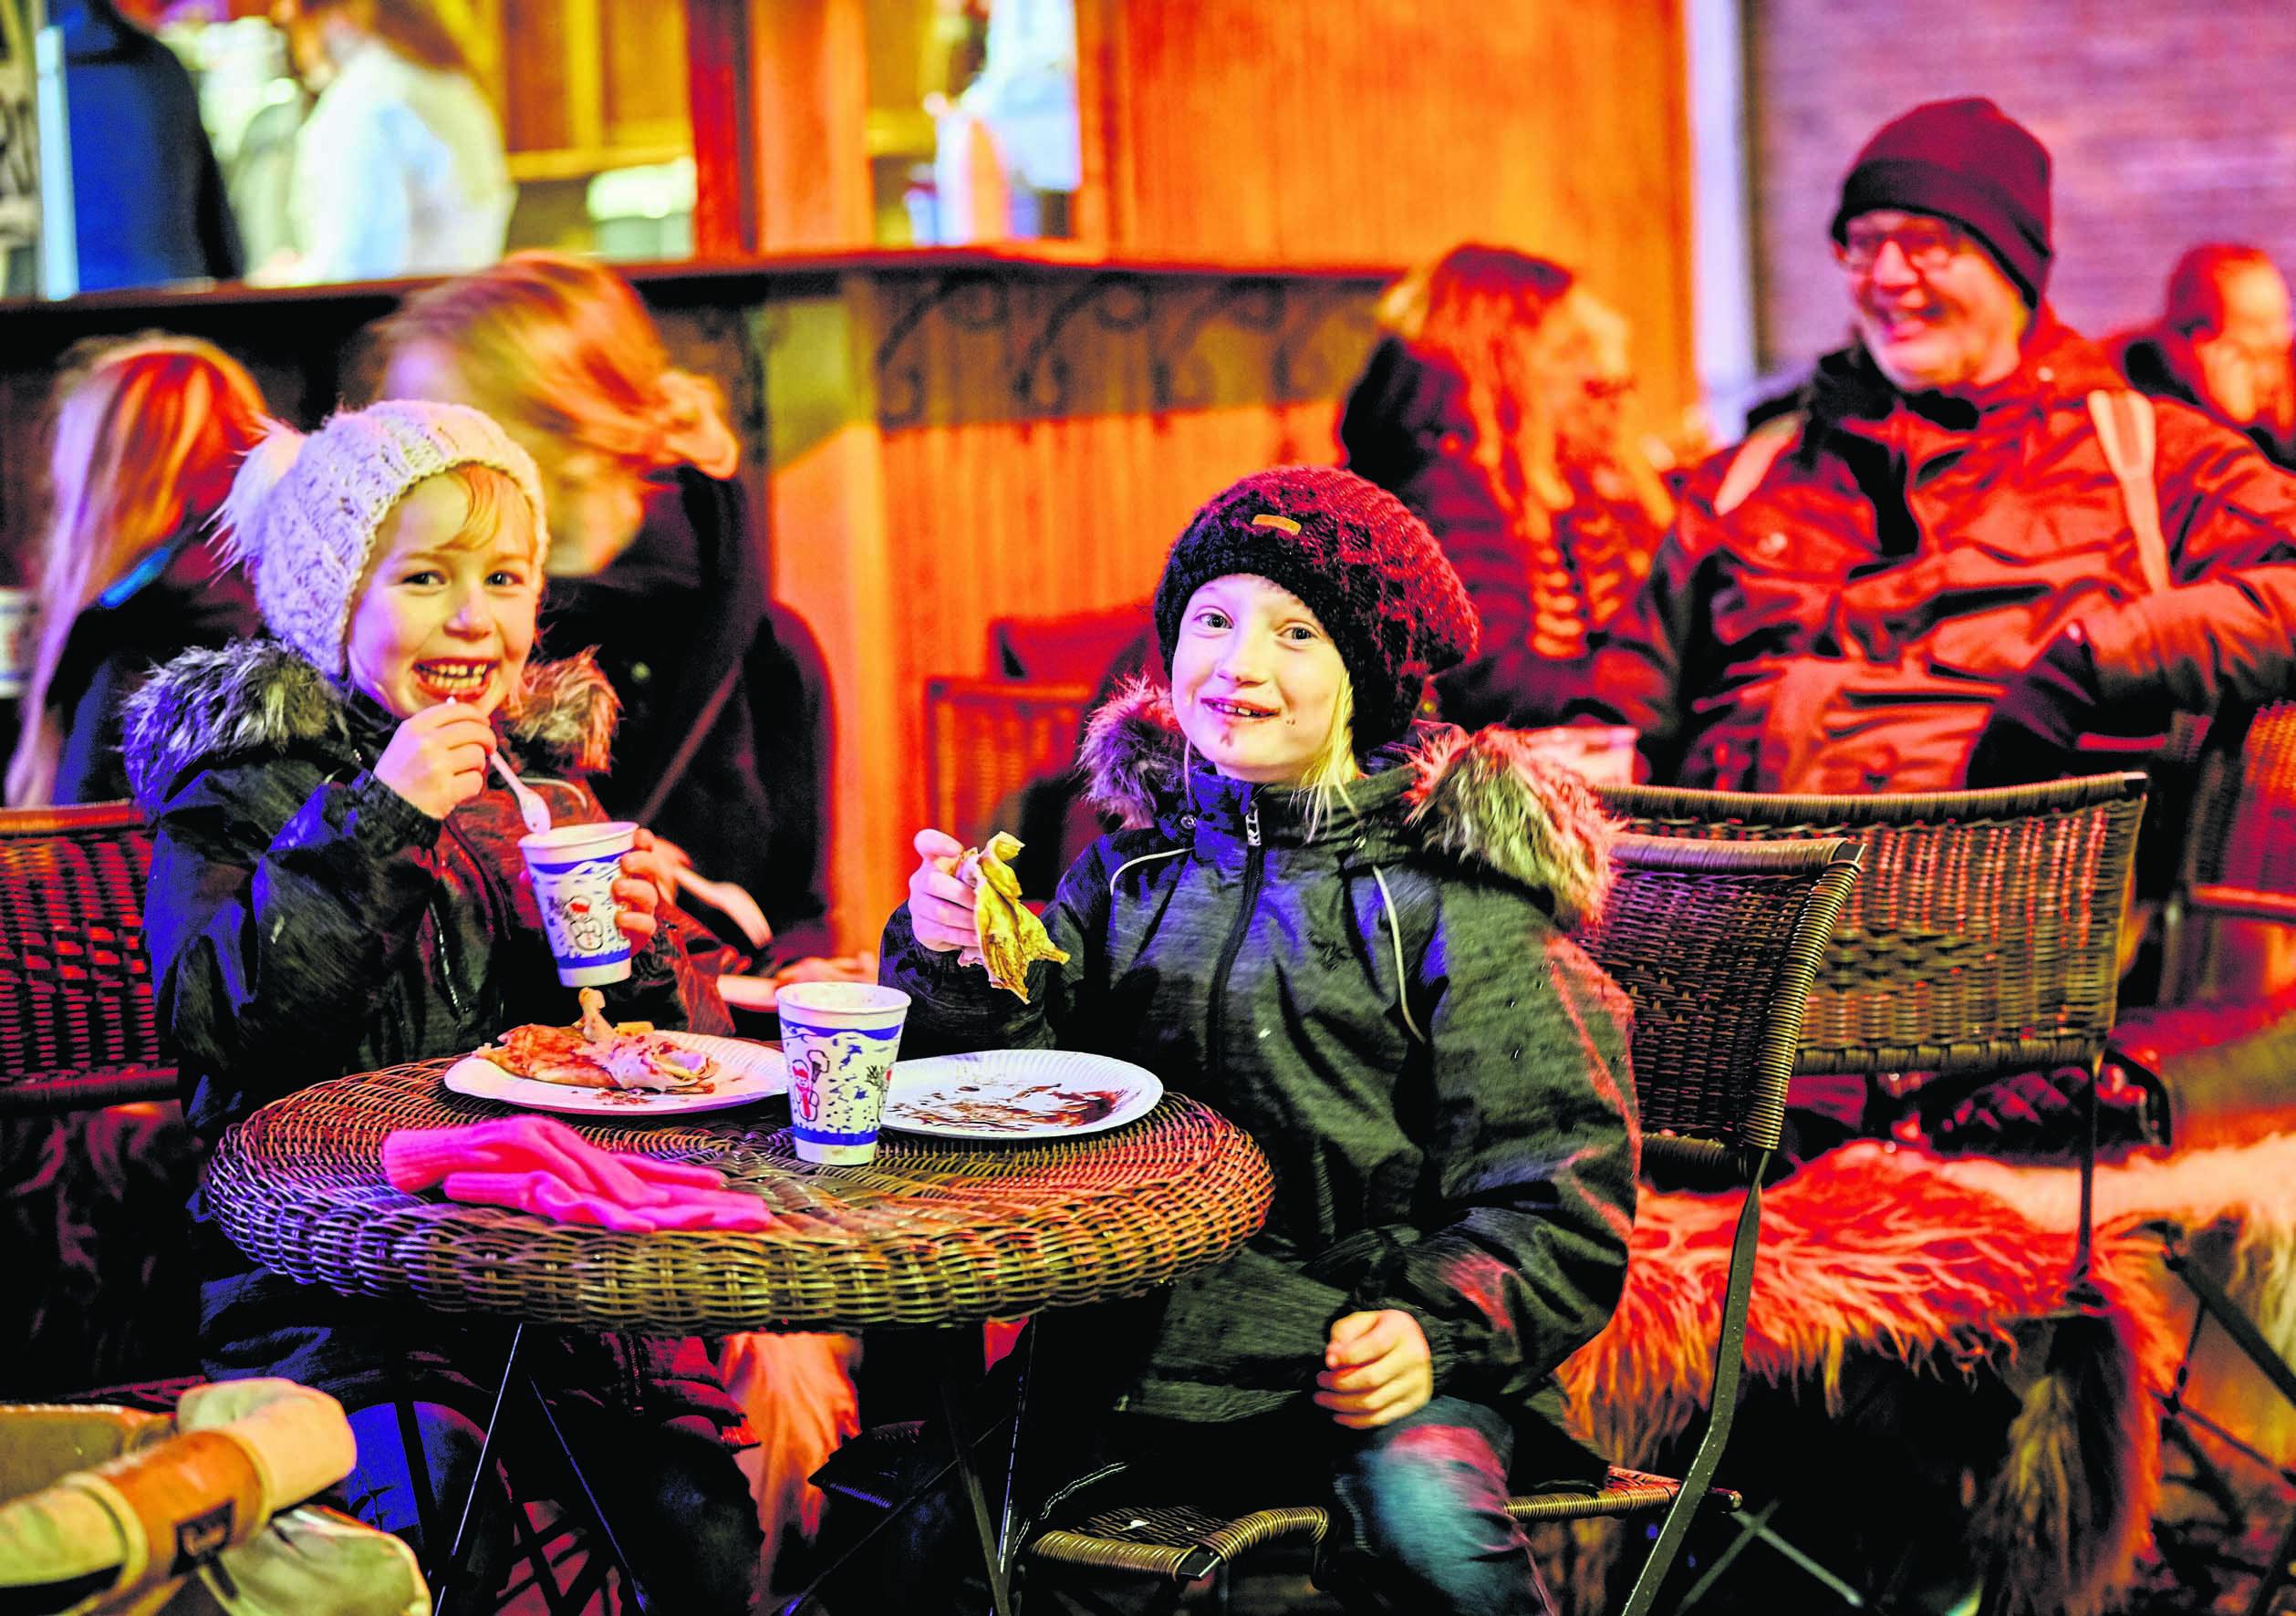 Kom tilbage til os: Stort nyt initiativ skal lokke nordmænd til Aalborg igen